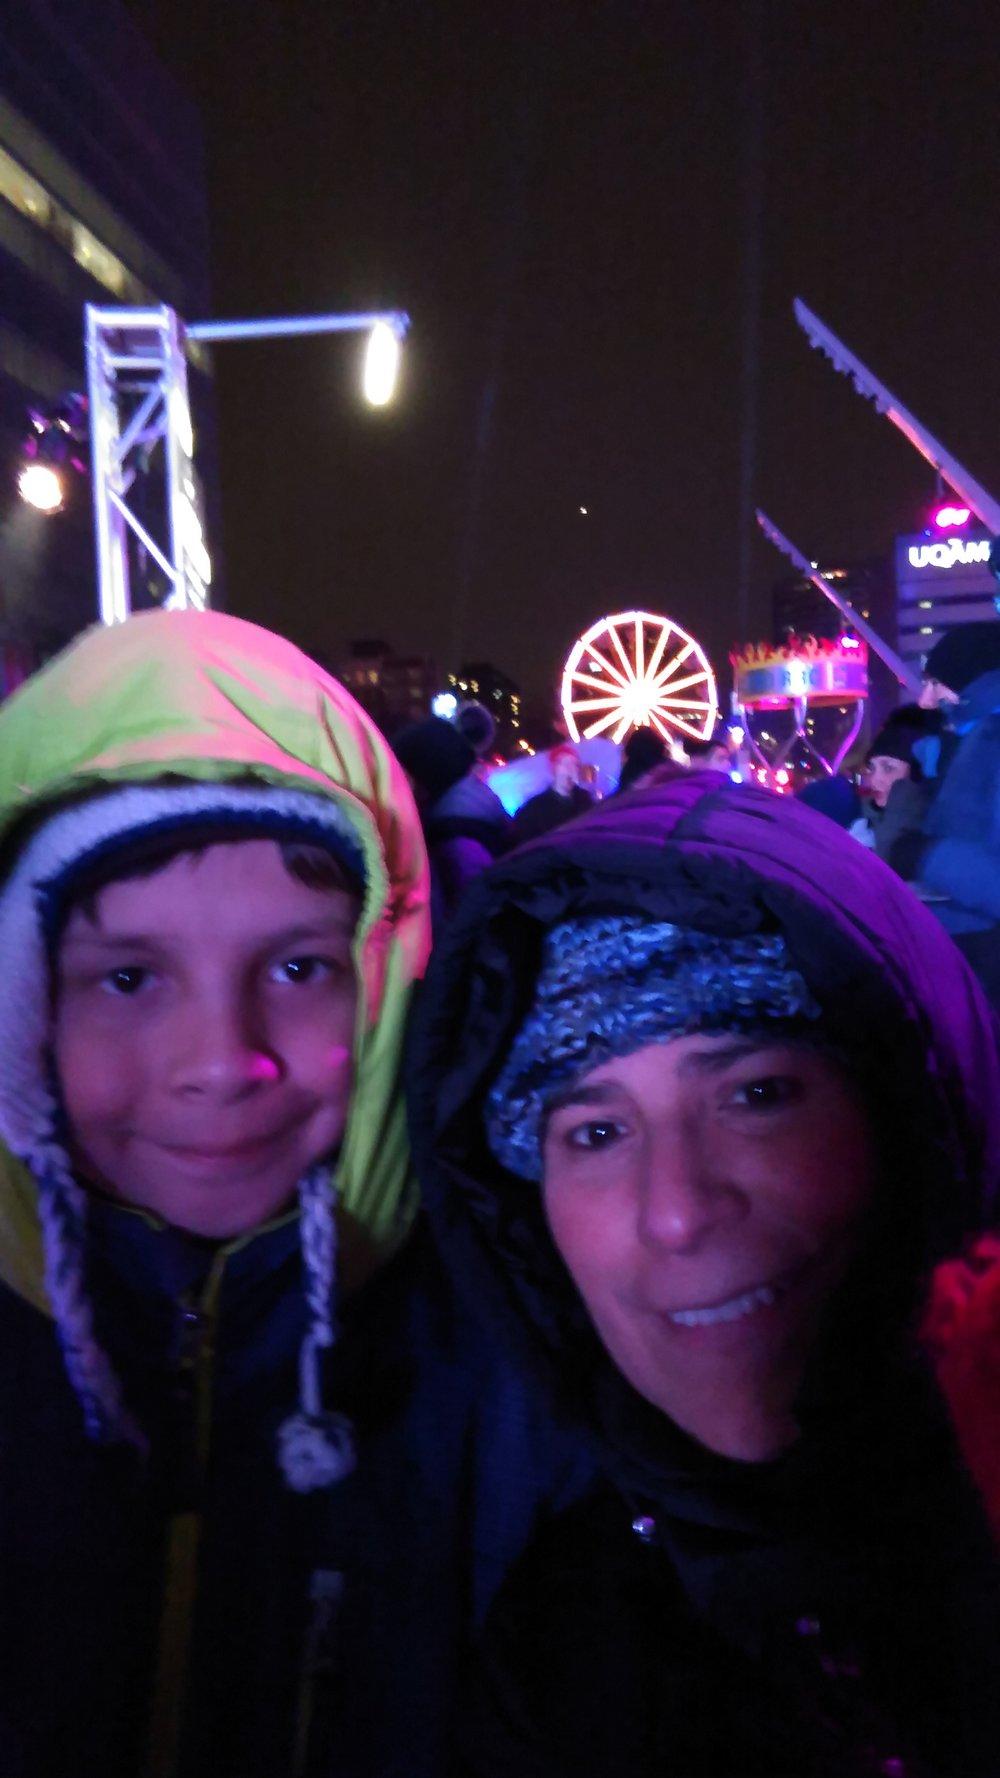 Montreal en Lumiere festival - Nuit Blanche